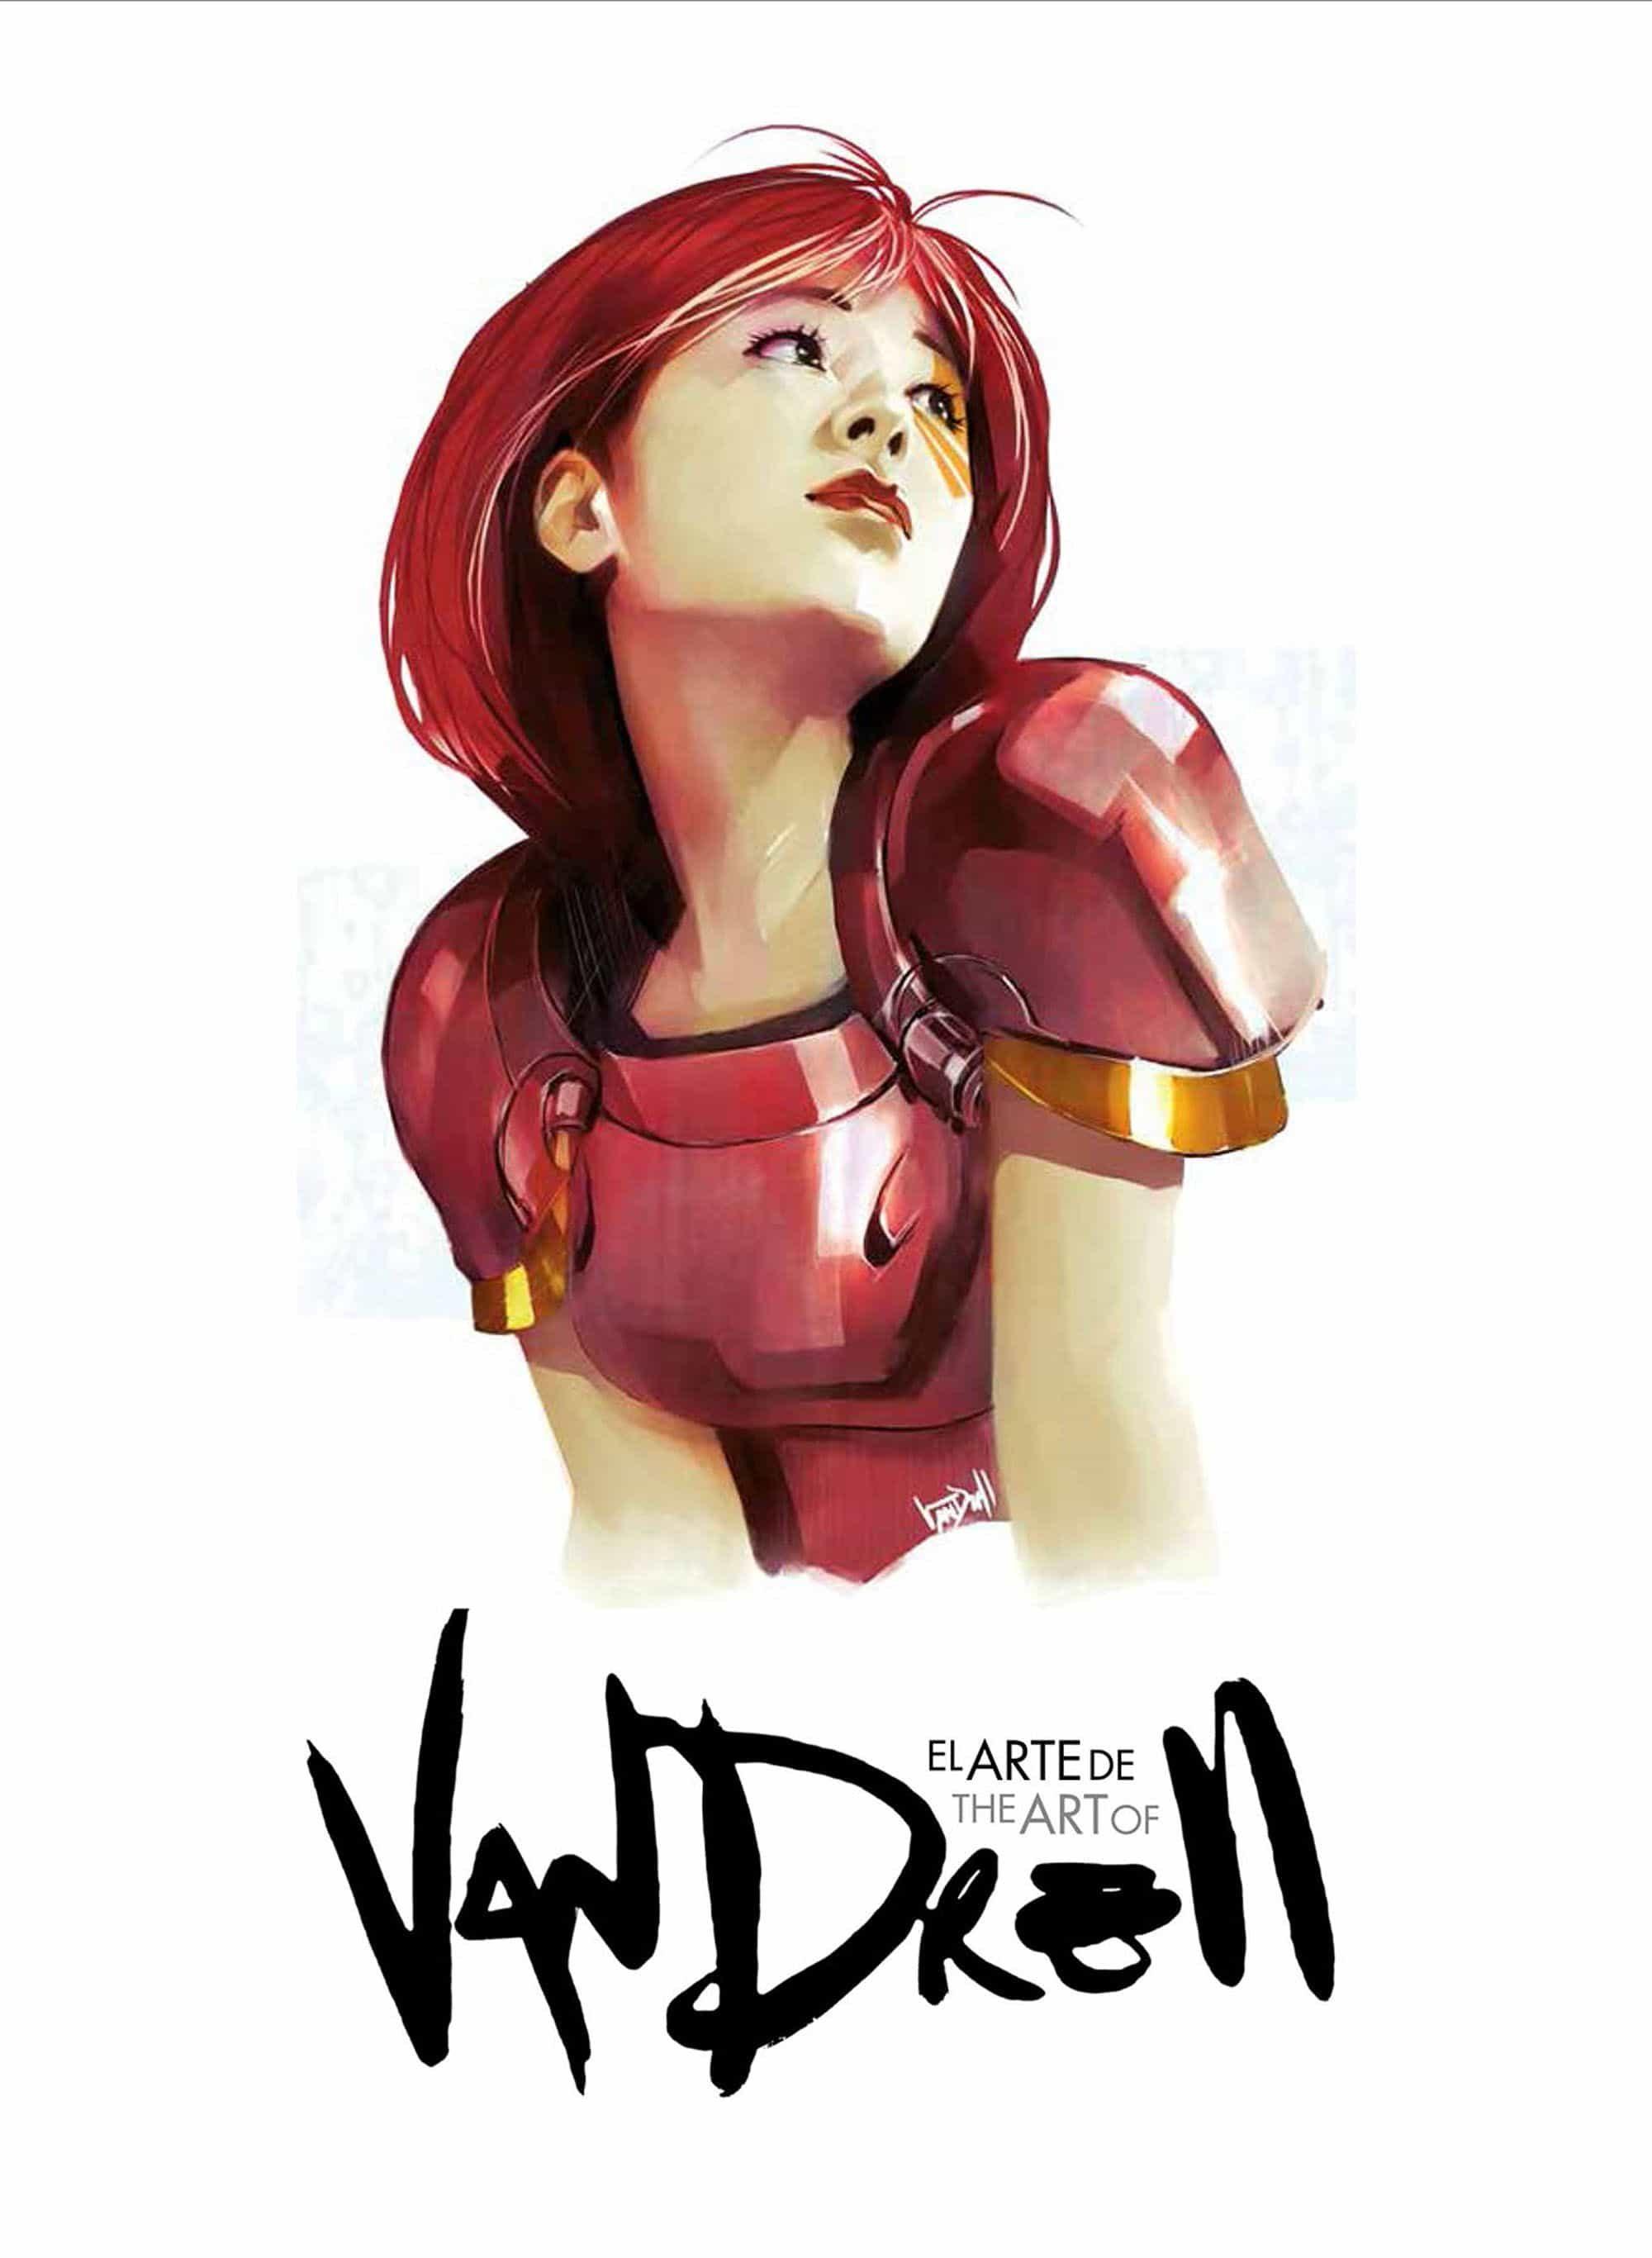 El Arte De Vandrell por Dani Vendrell